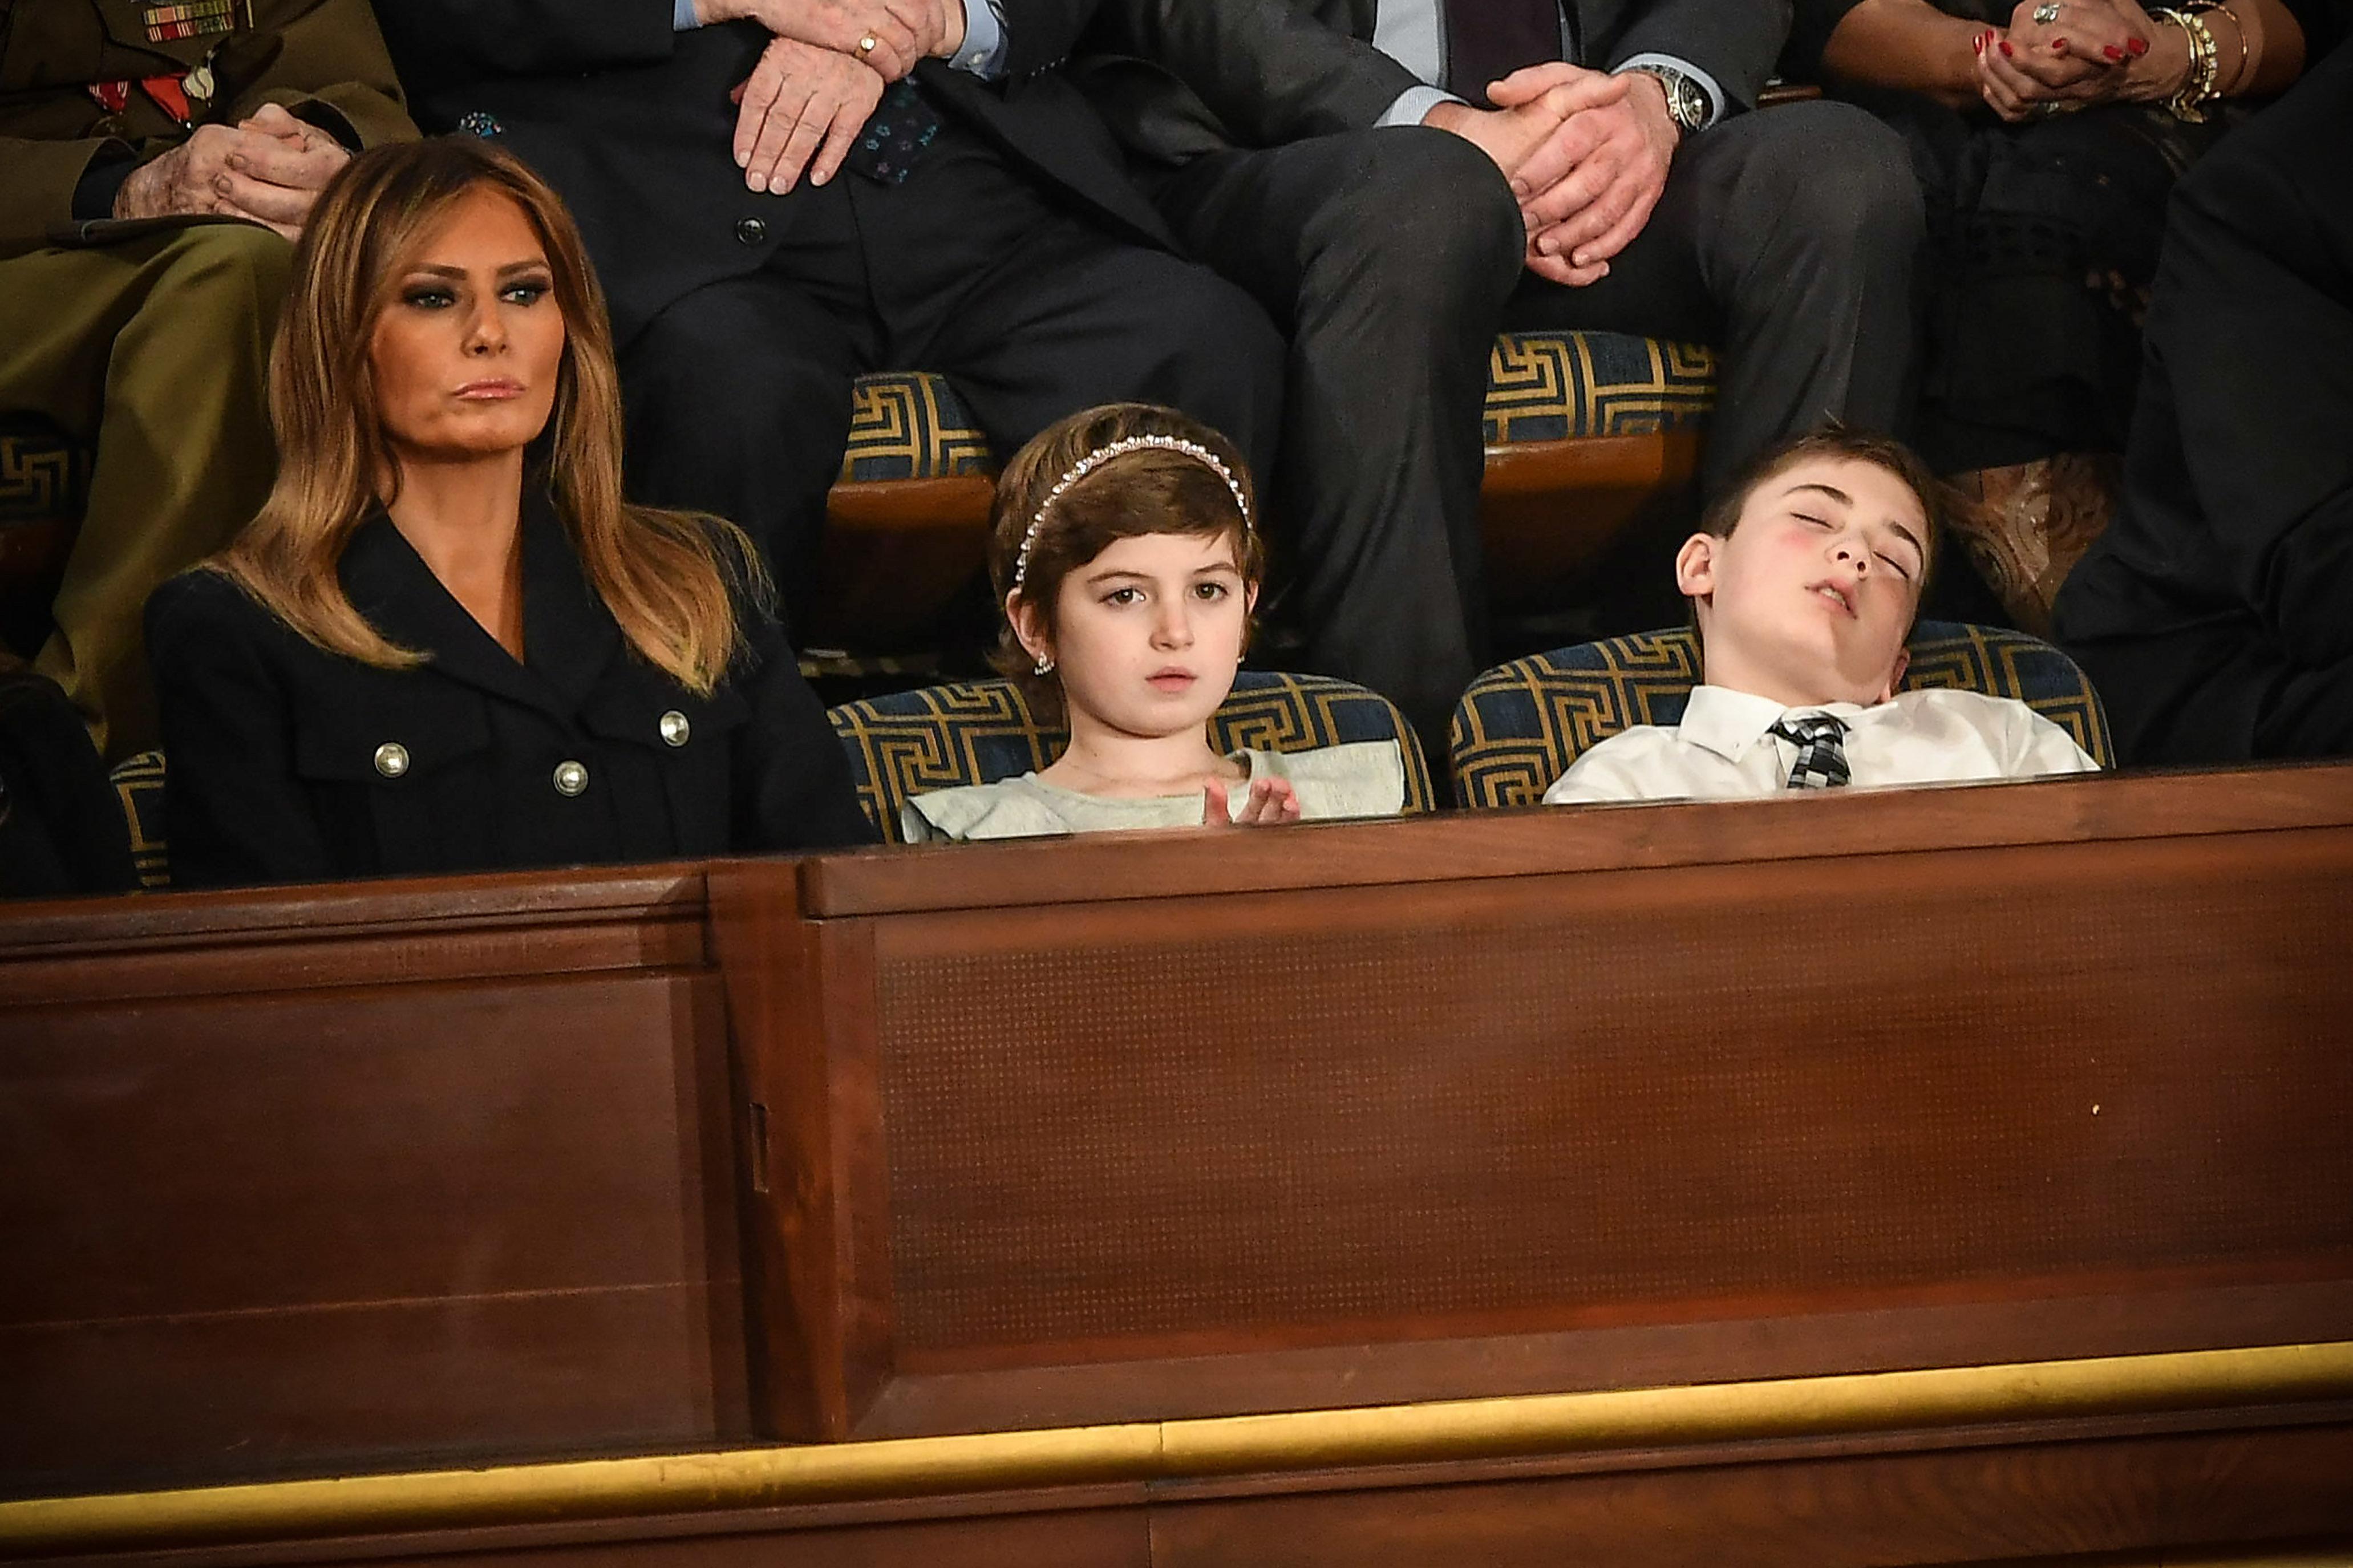 도널드 트럼프 국정연설 중 '꿀잠'을 잔 학생도